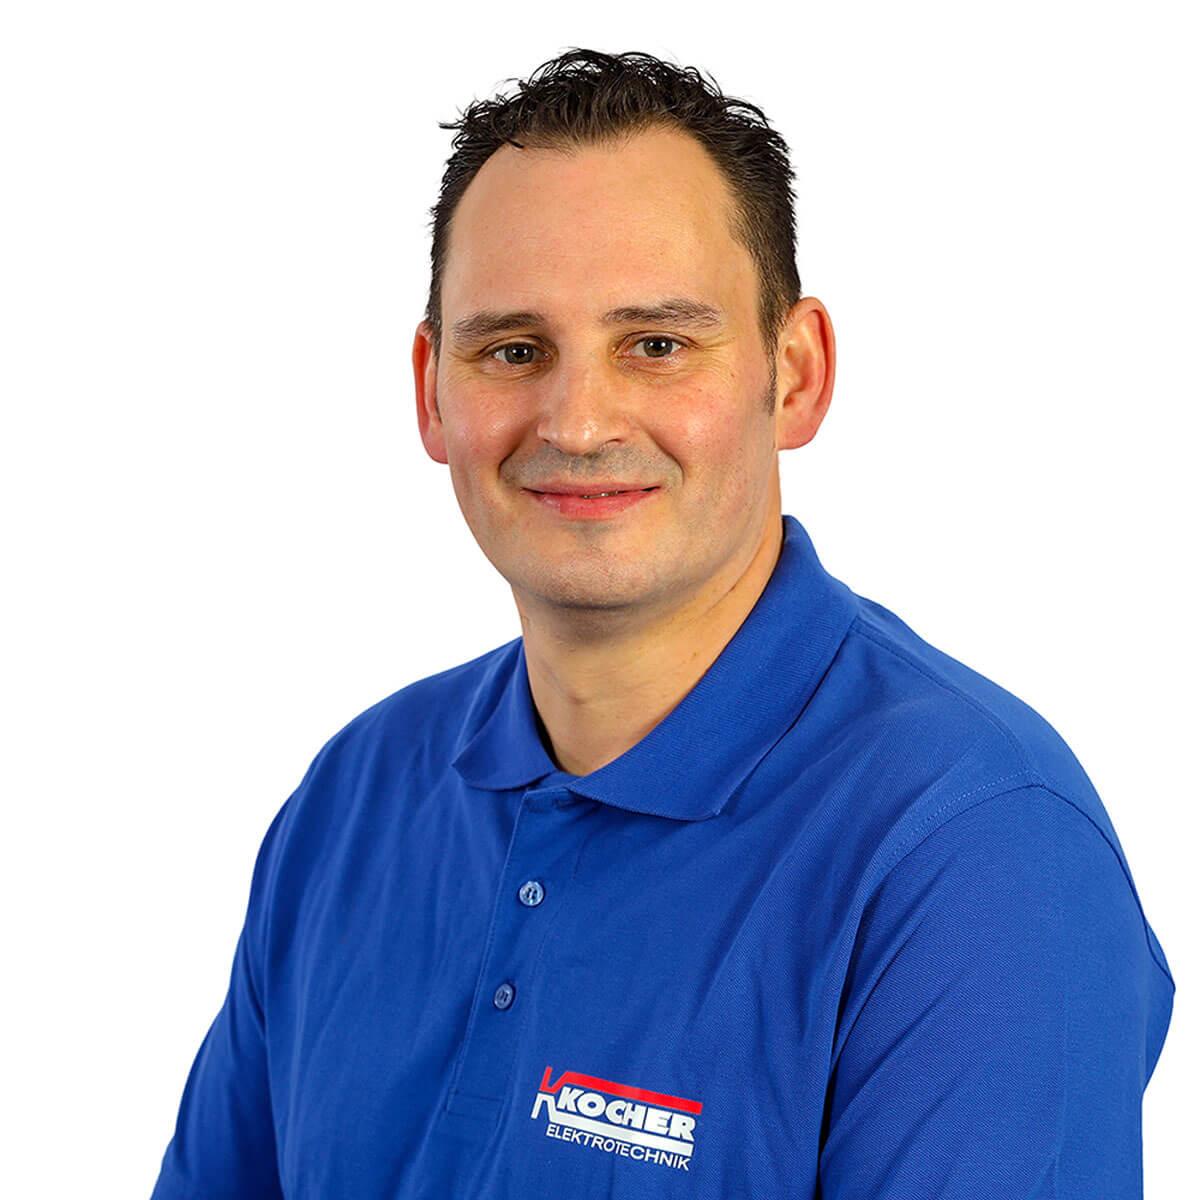 Nils Bache ist Obermonteur bei der Kocher Elektrotechnik in Dortmund.